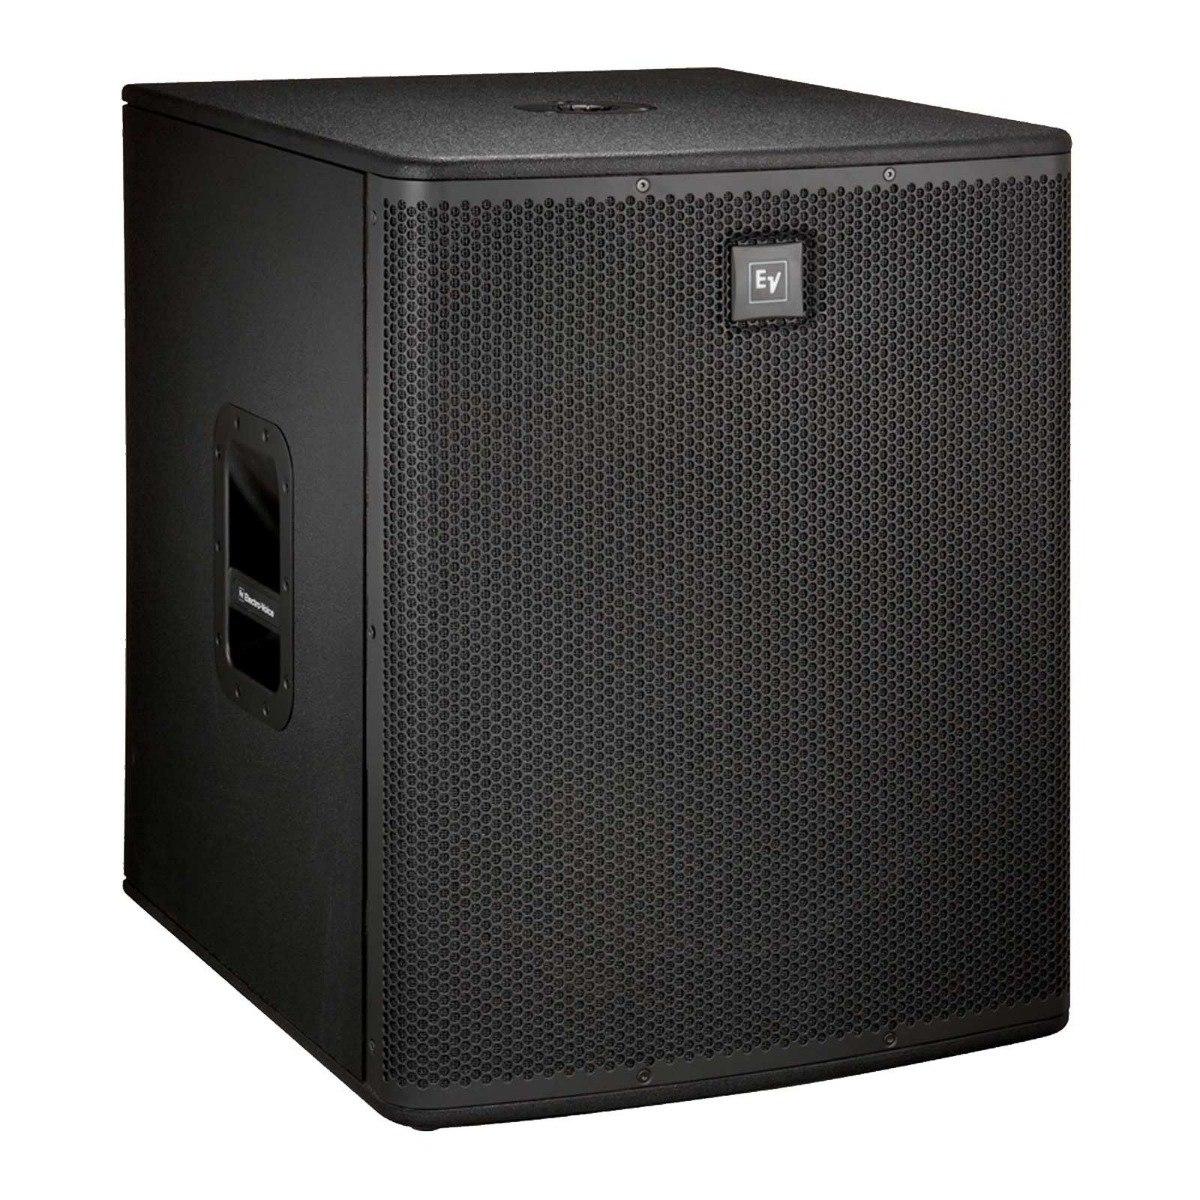 subwoofer activo electro voice elx 118p vm import sac vm import sac. Black Bedroom Furniture Sets. Home Design Ideas